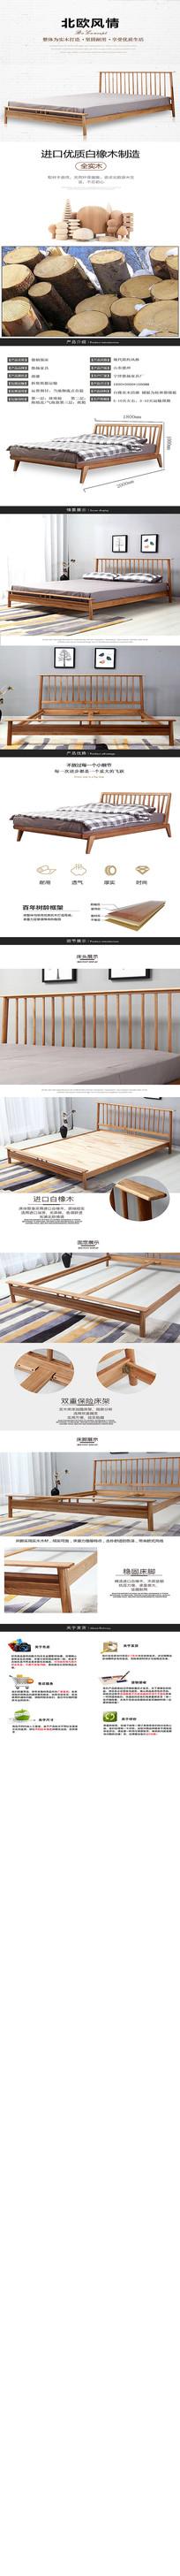 实木床详情页设计